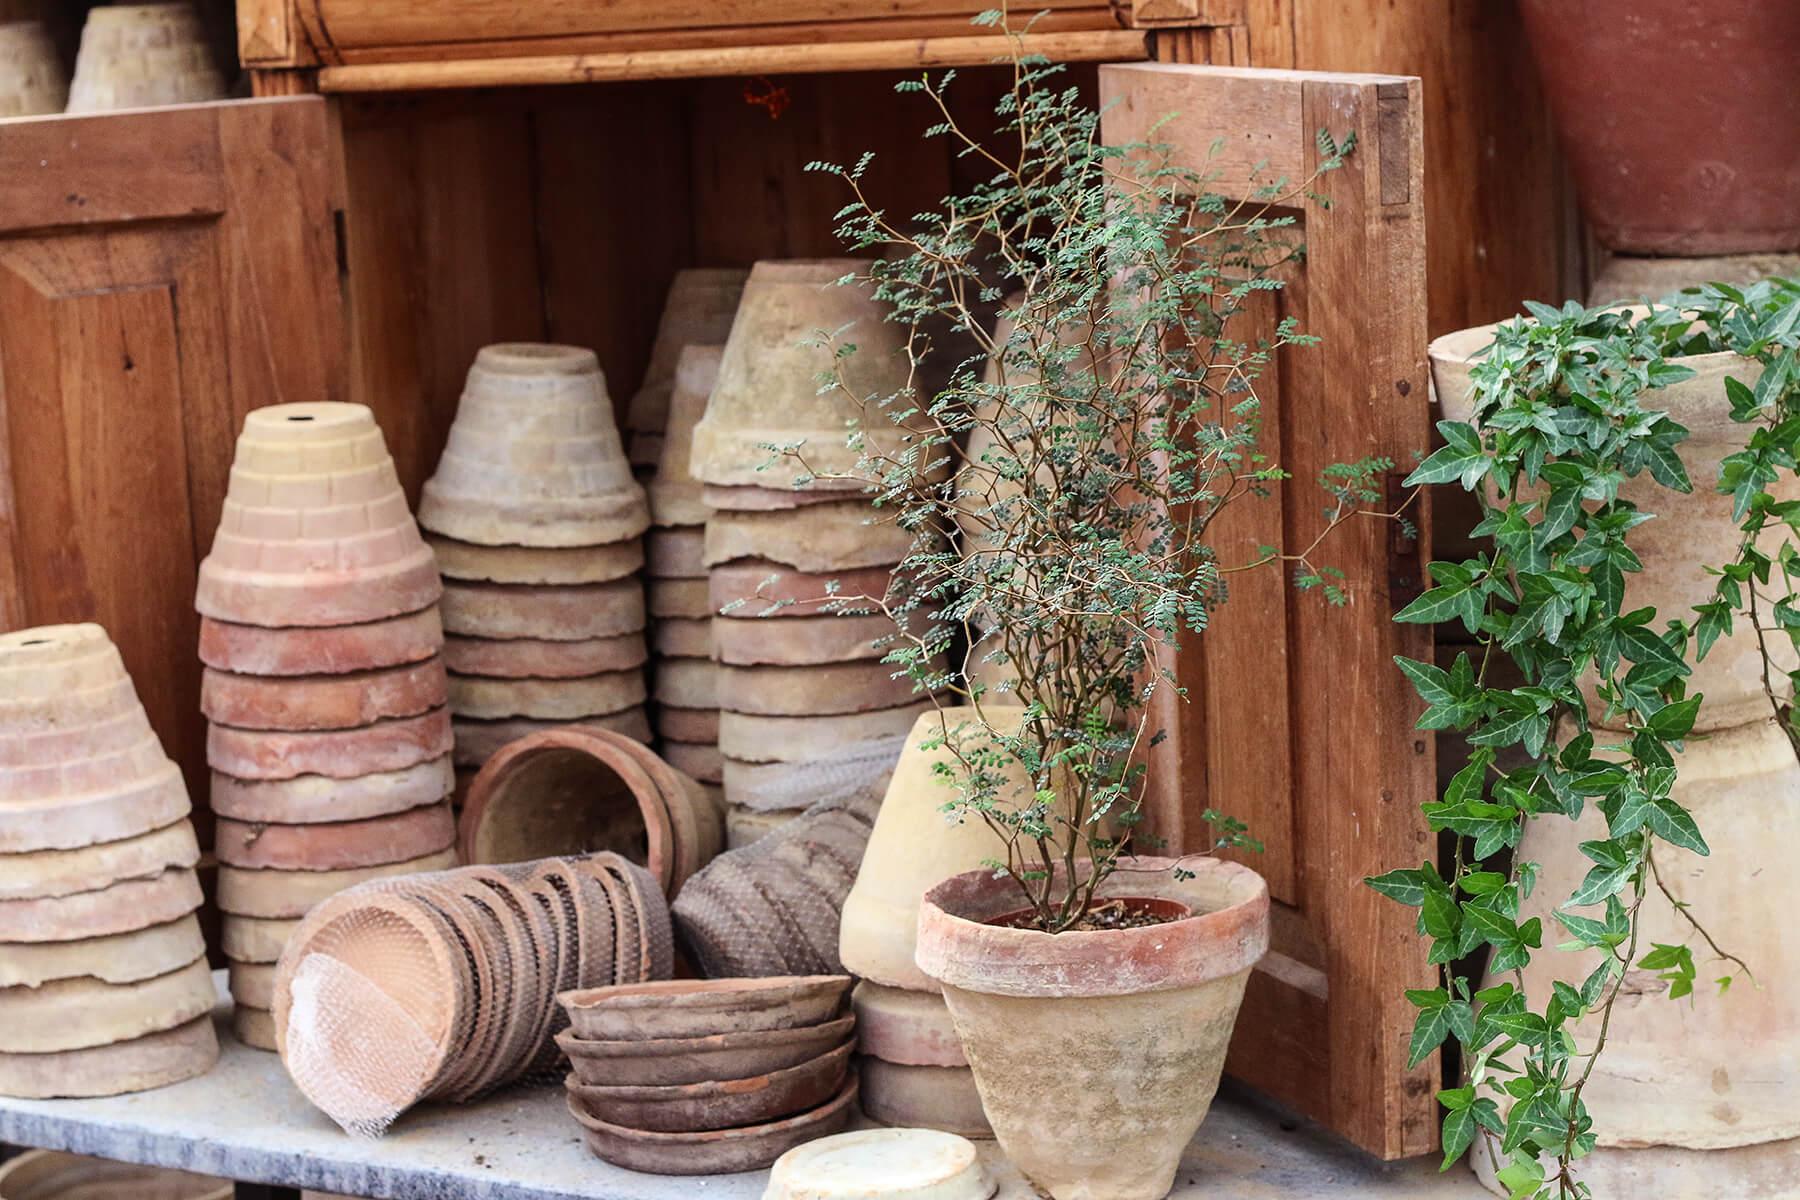 Charmigt skeva och ojämna lerkrukor passar bra till de gröna krukväxterna. Murgrönans bladslingor hänger över kanten och sophorans skira kvistar har små tunna blad.